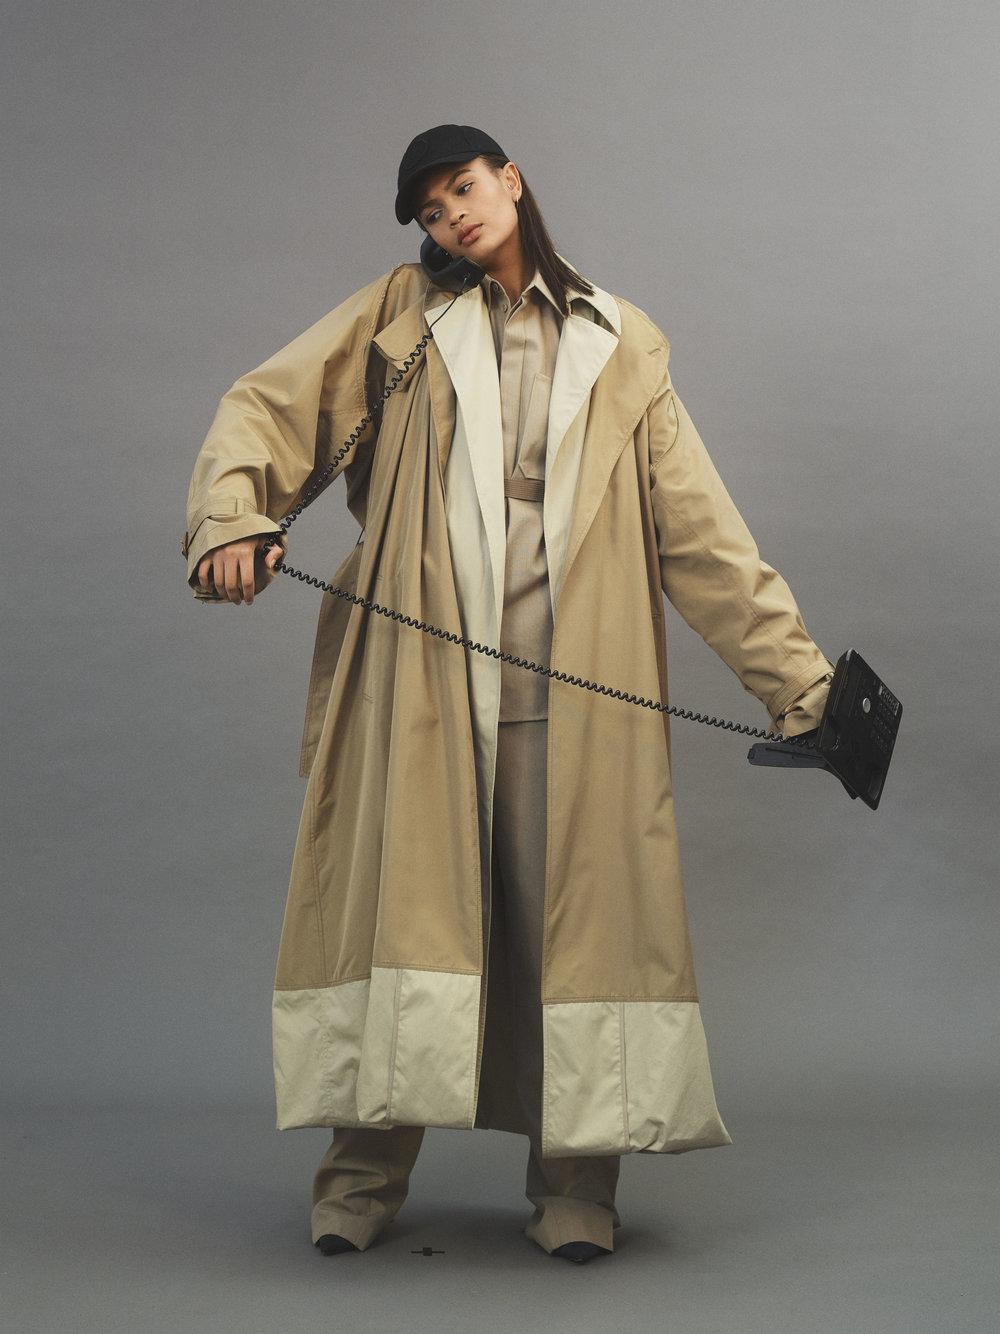 Abrigo, camisa y pantalón, todo de  CÉLINE . Cinturón de  MARNI , gorra de  STONE ISLAND y zapatos de  MANOLO BLAHNIK .